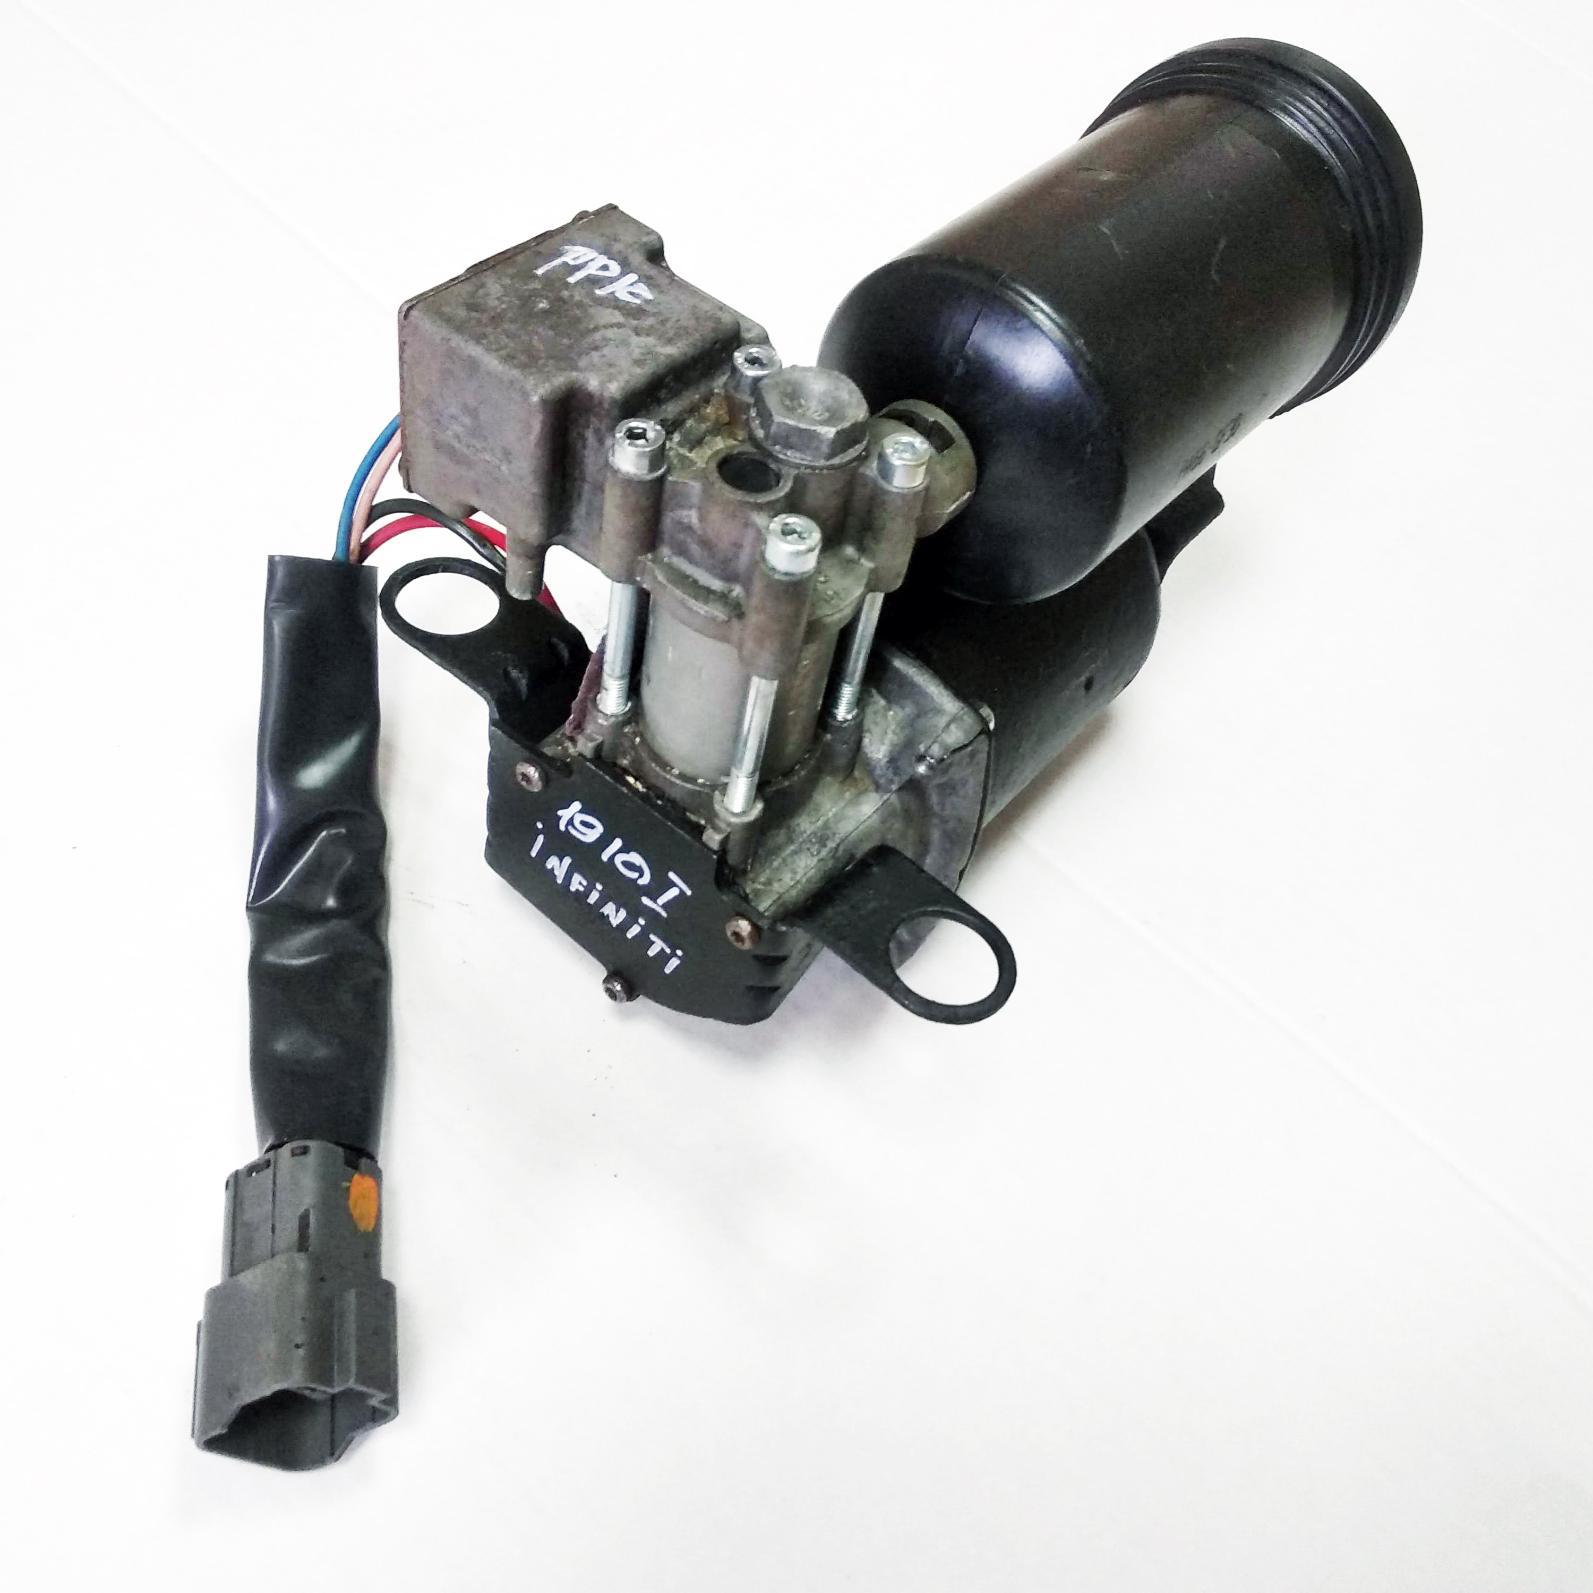 картинка Оригинальный восстановленный компрессор пневмоподвески Infiniti QX56/QX80 Z62 JA60, Nissan Armada Y62 (534007S600, 534001LA4A) от магазина пневмоподвески ПневмоМаркет